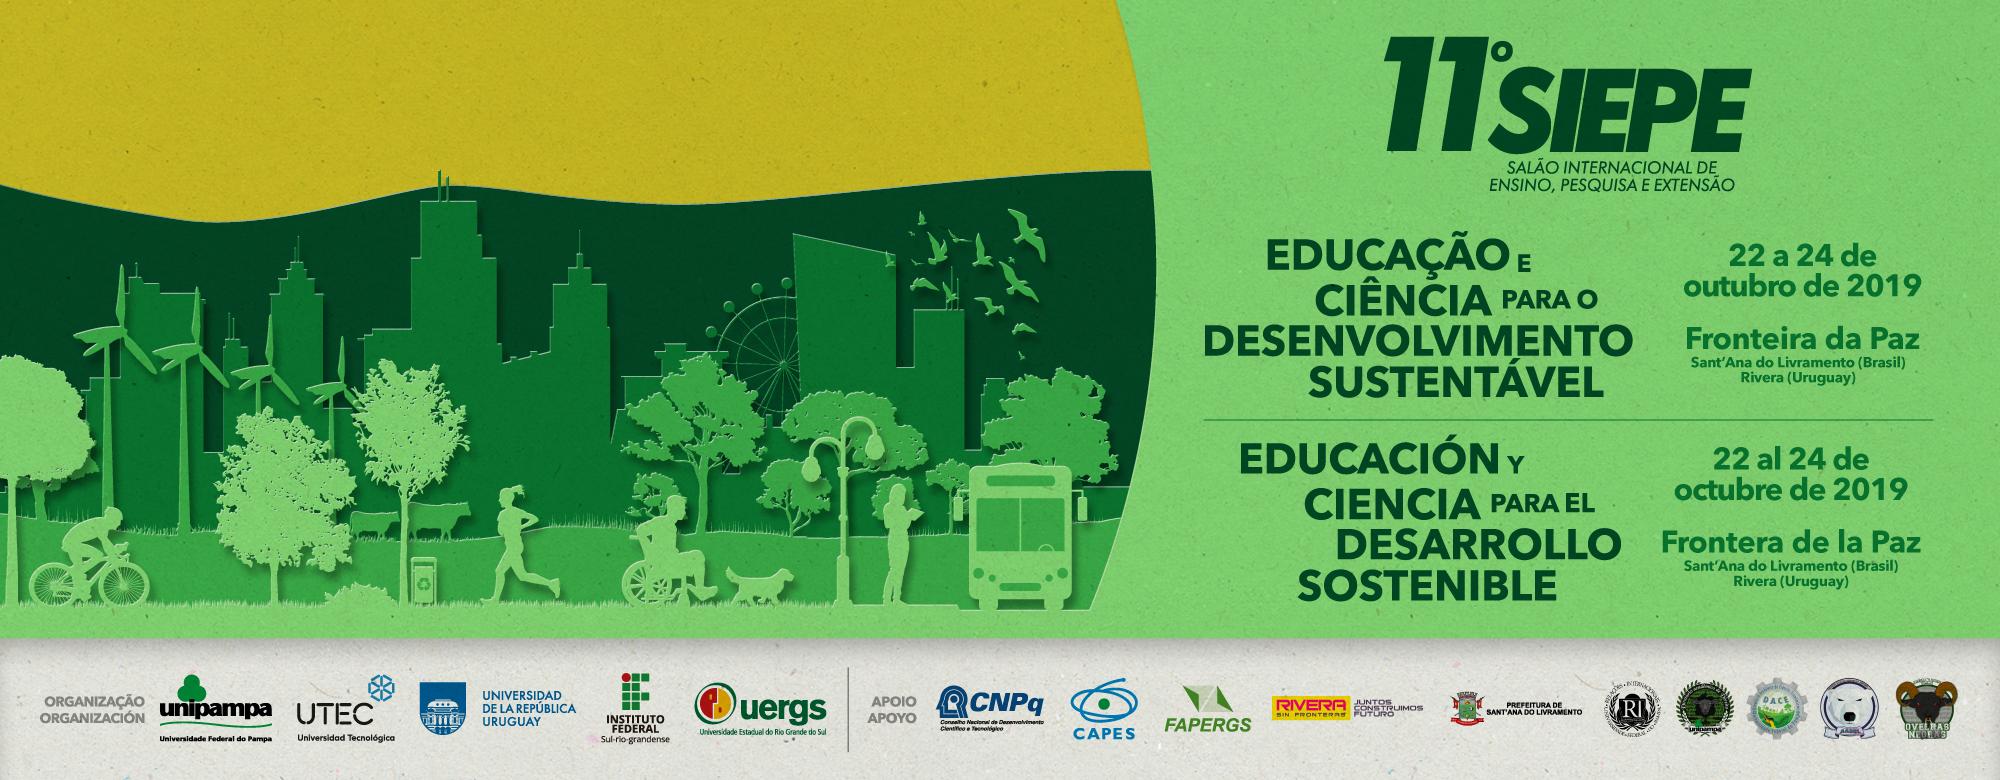 11º Siepe discutirá Educação e Ciência para o Desenvolvimento Sustentável